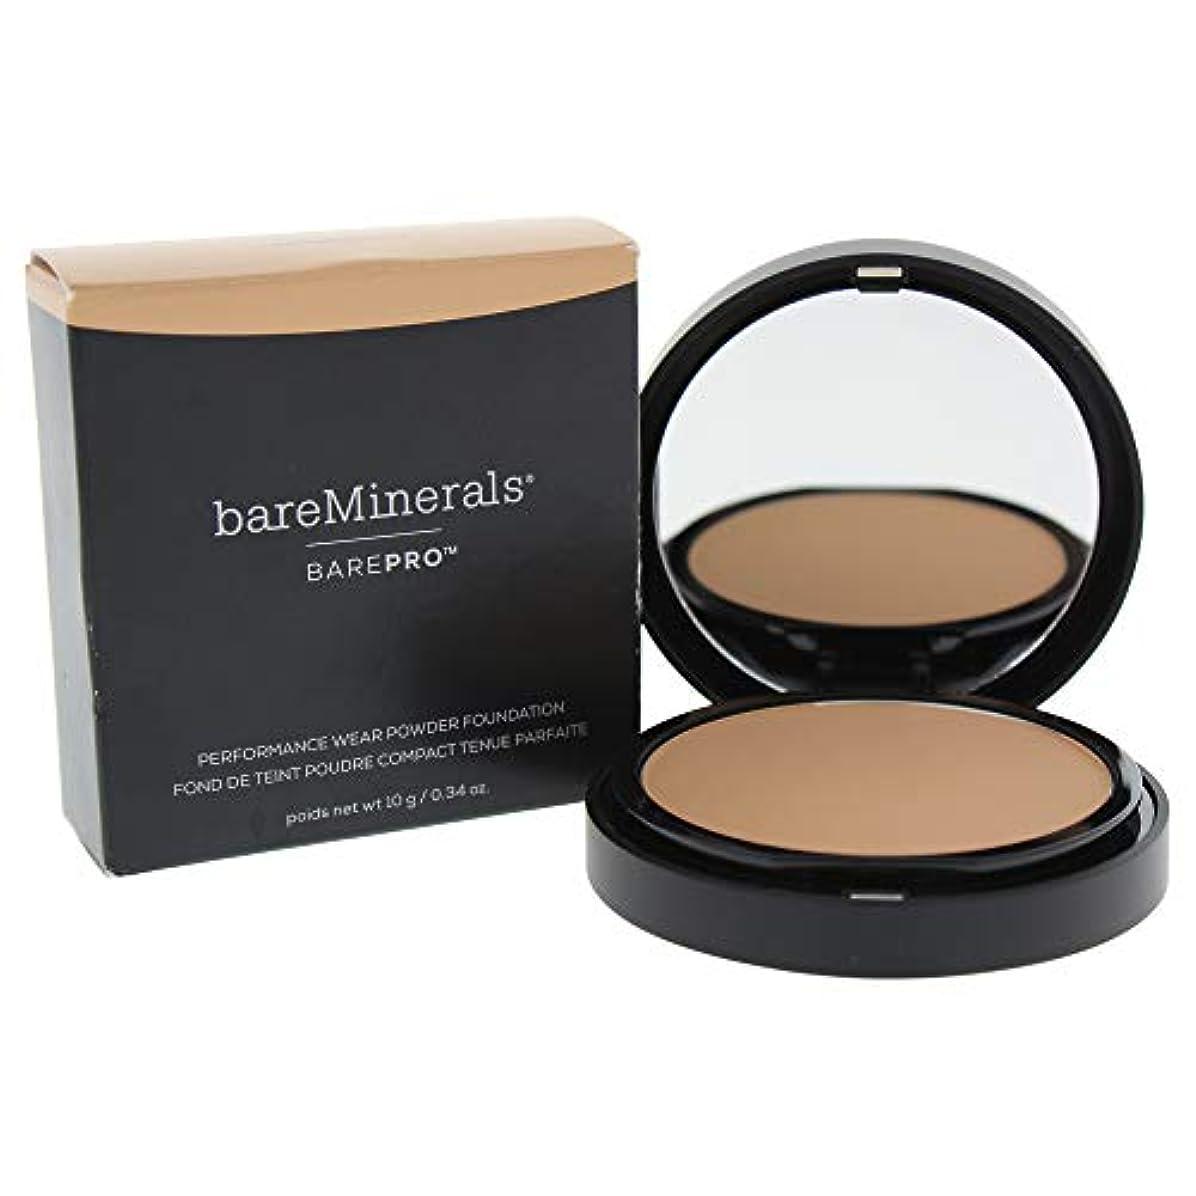 治療提案綺麗なベアミネラル BarePro Performance Wear Powder Foundation - # 16 Sandstone 10g/0.34oz並行輸入品